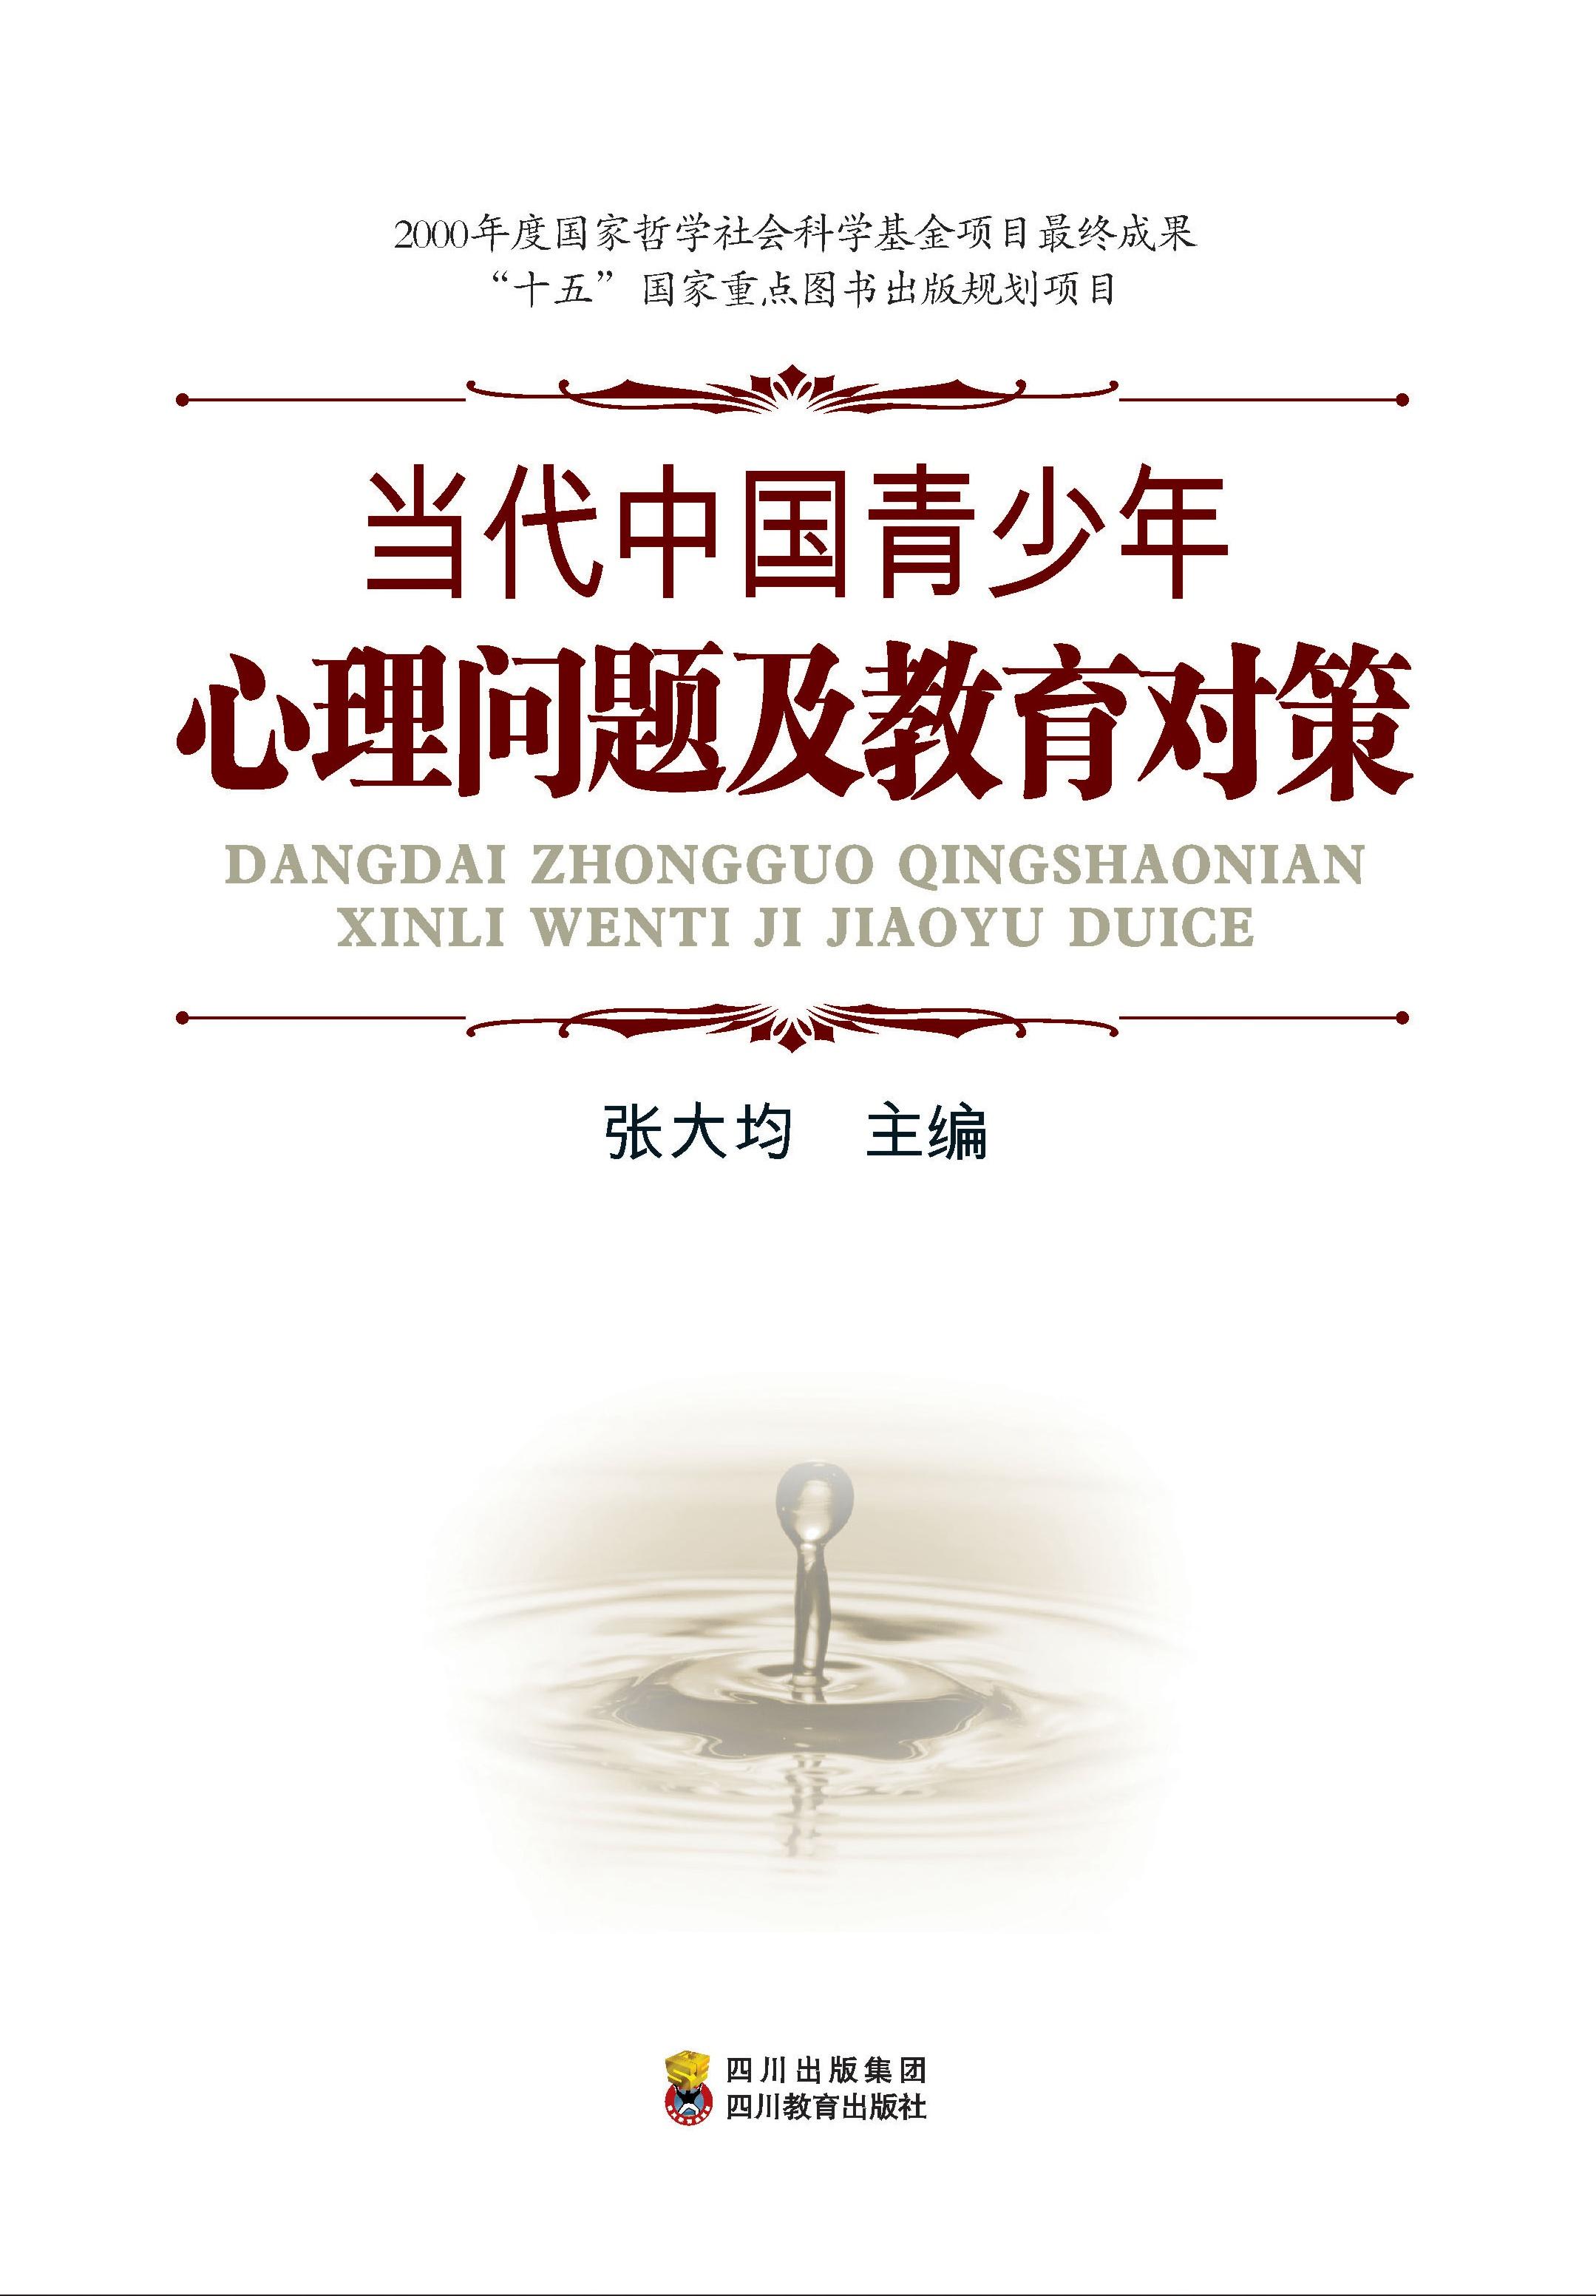 当代中国青少年心理问题及英雄联盟竞彩软件亚博对策